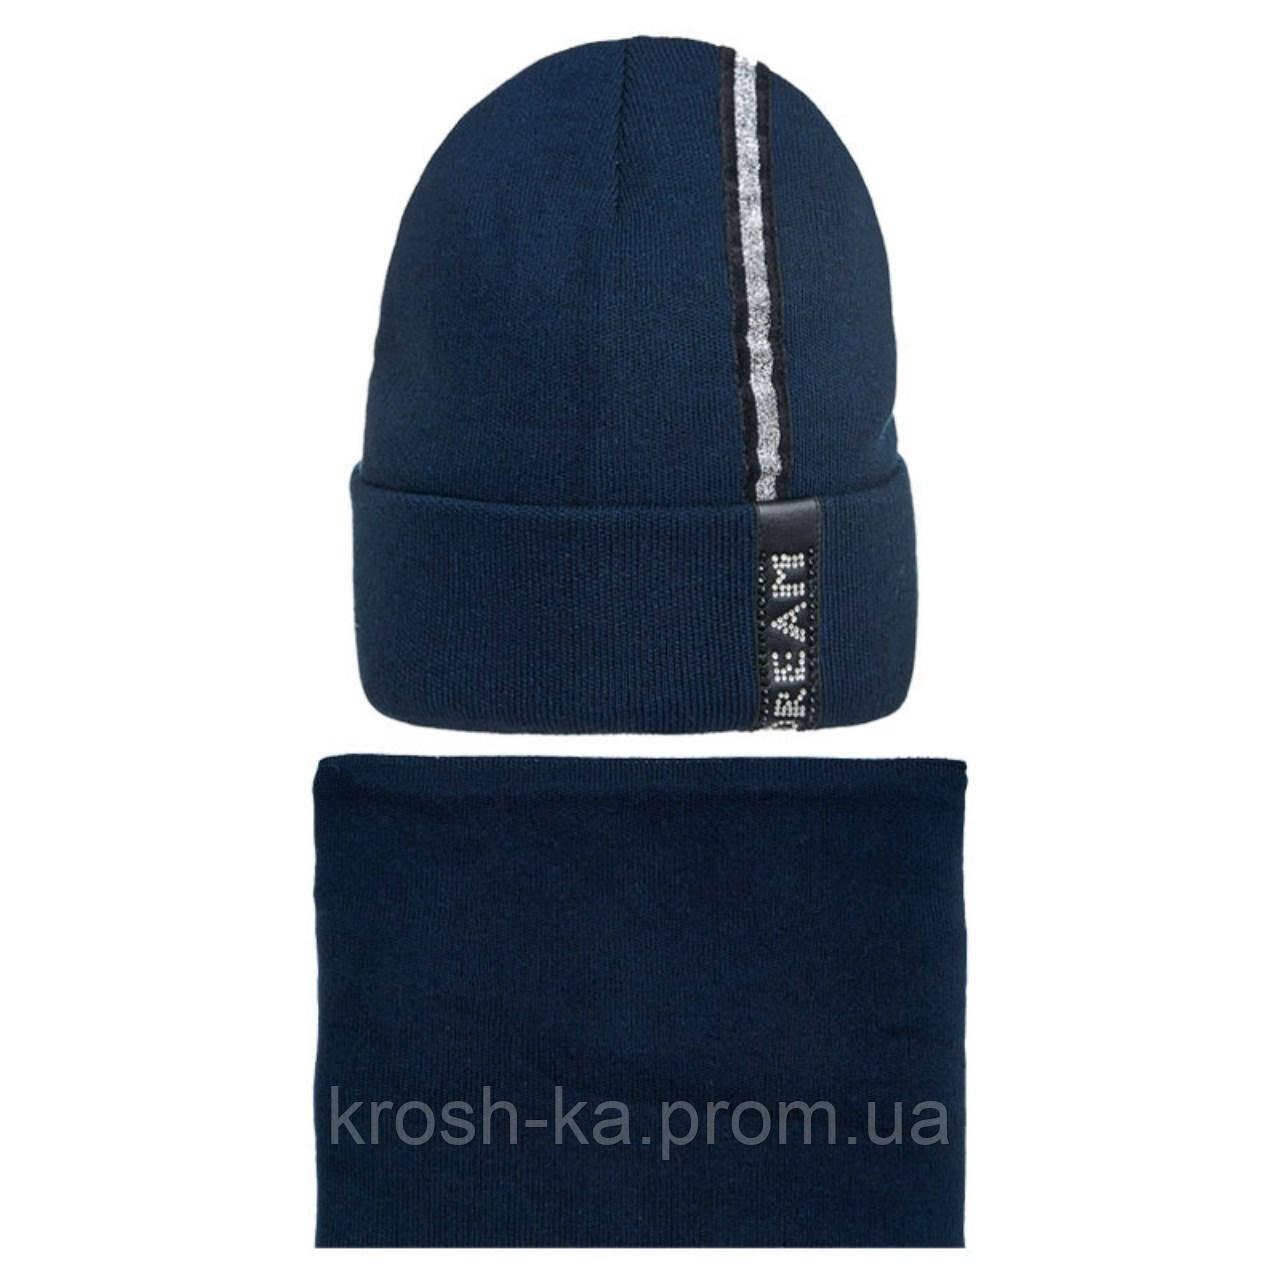 Шапка+снуд для дівчинки зимова Dream Nikola Україна сіра,чорна,синя 18Z10K